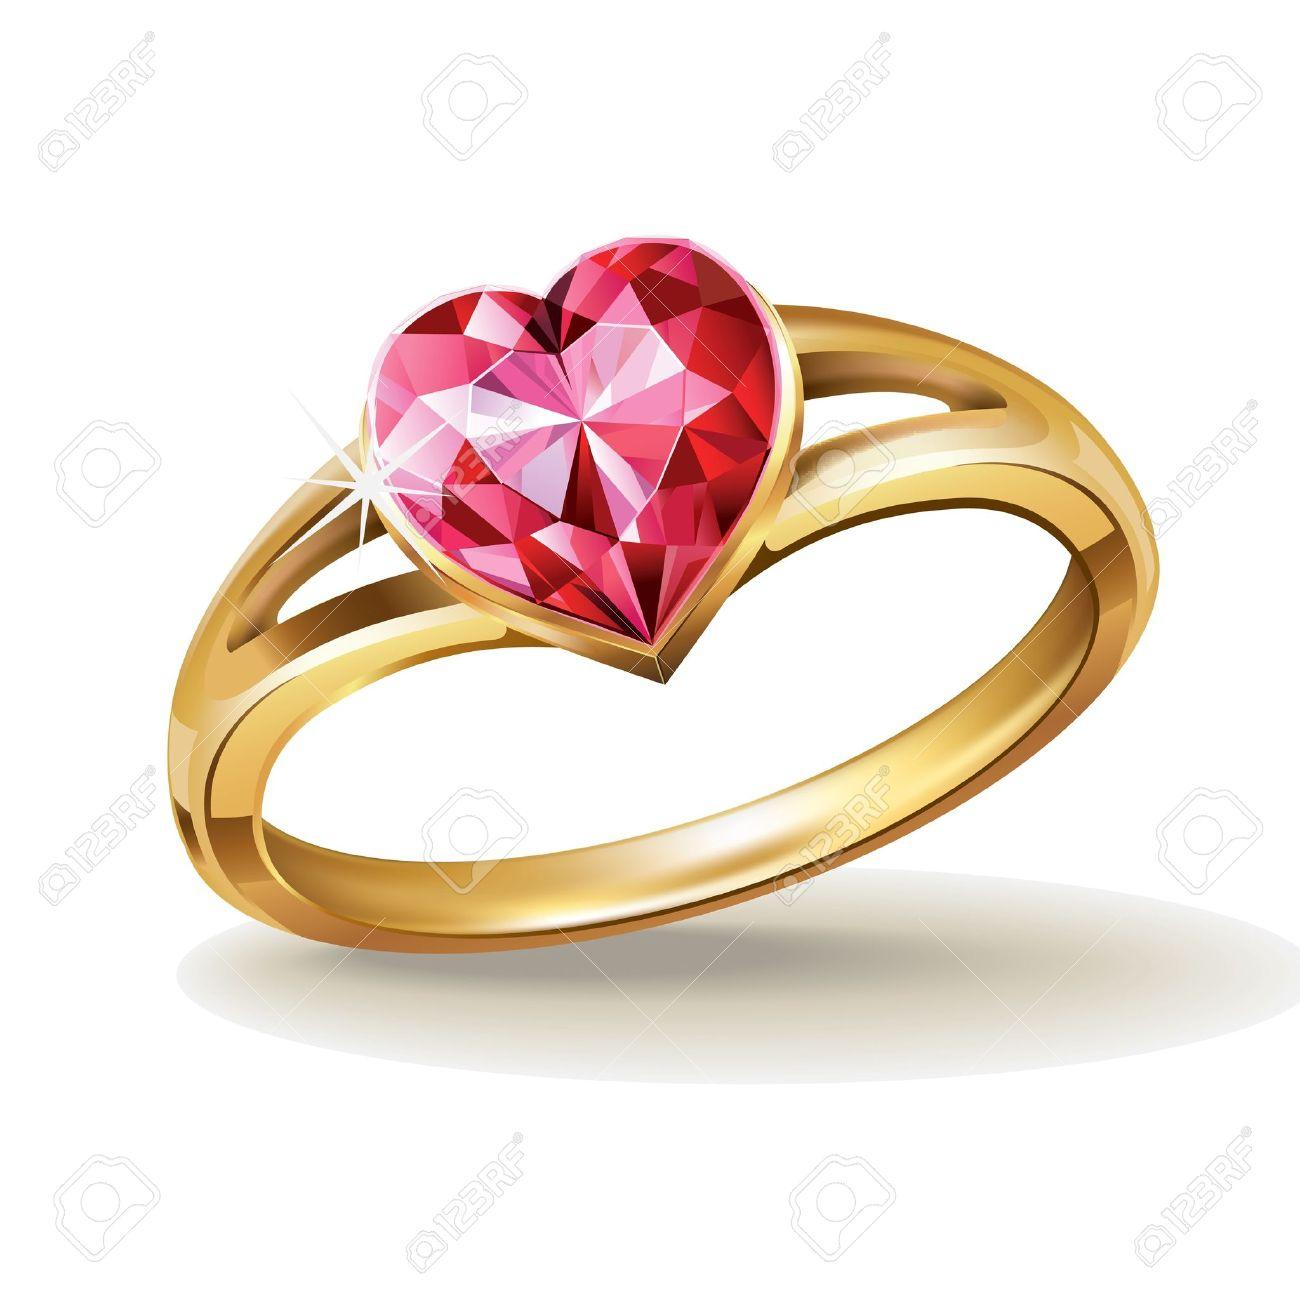 2db9b56f6ba7 Anillo de oro con piedras preciosas de color rosa del corazón Foto de  archivo - 11813600